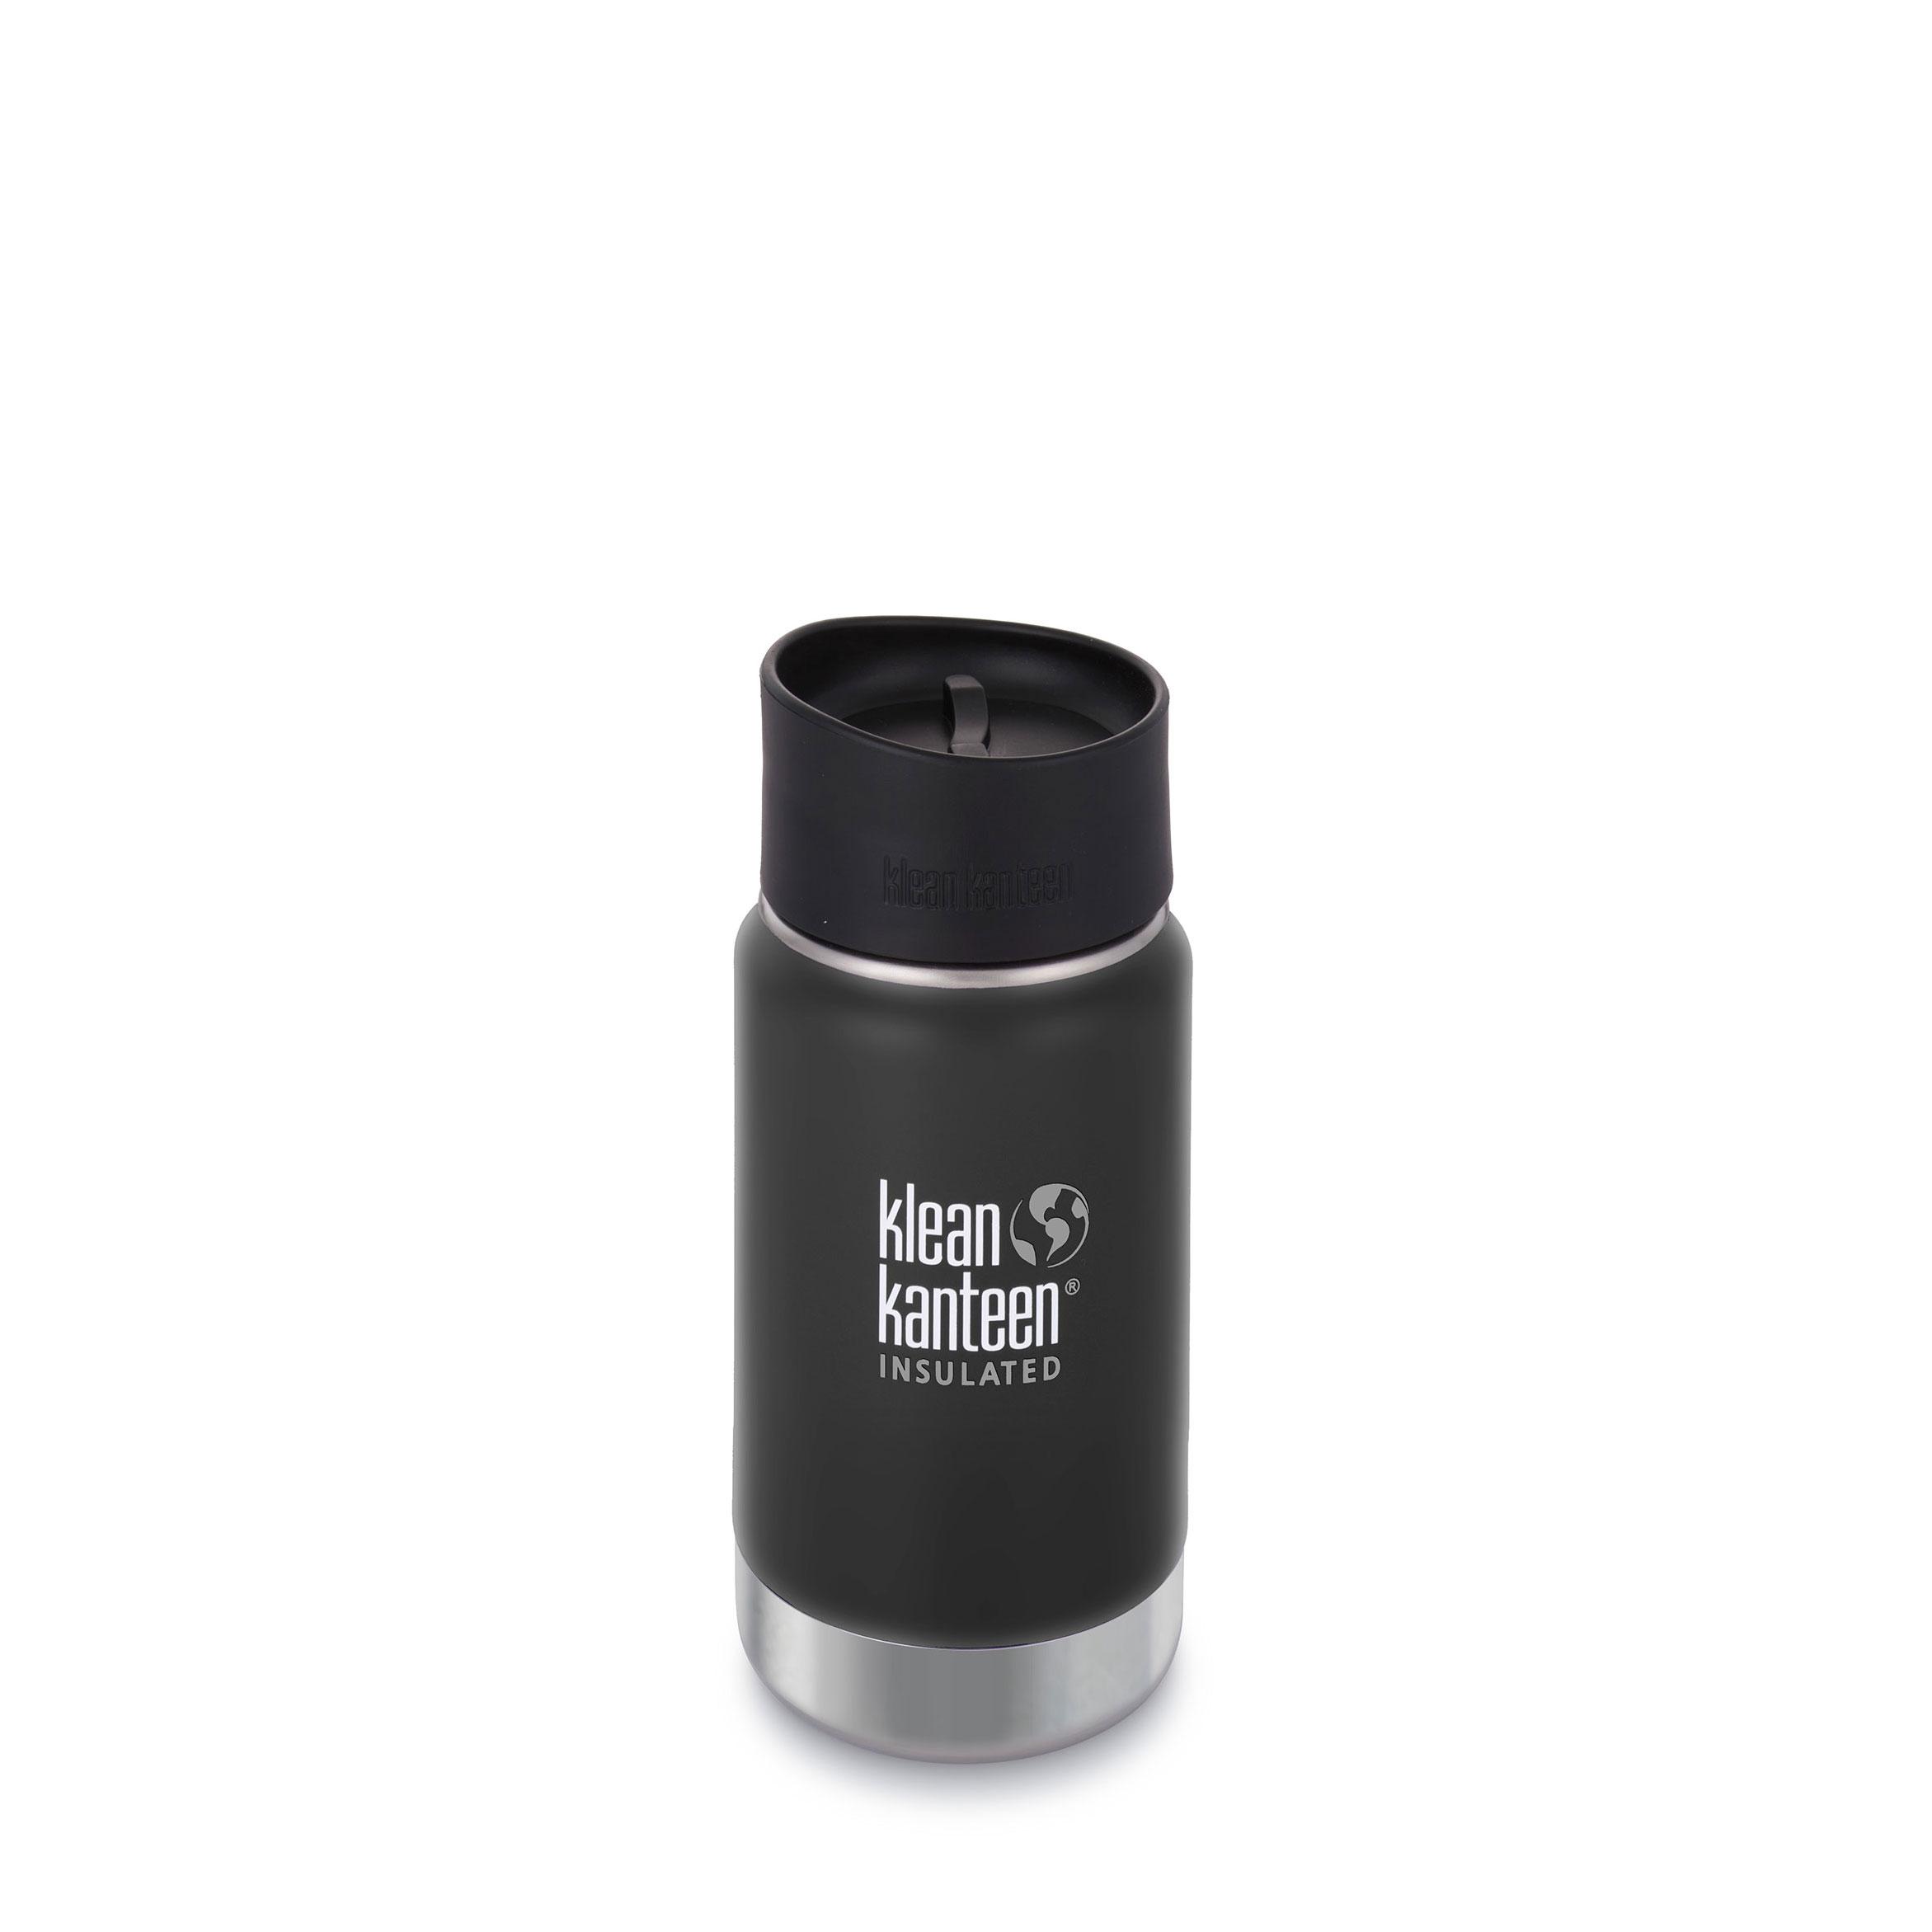 Klean Kanteen - Wide - vakuumisoliert 355ml schwarz